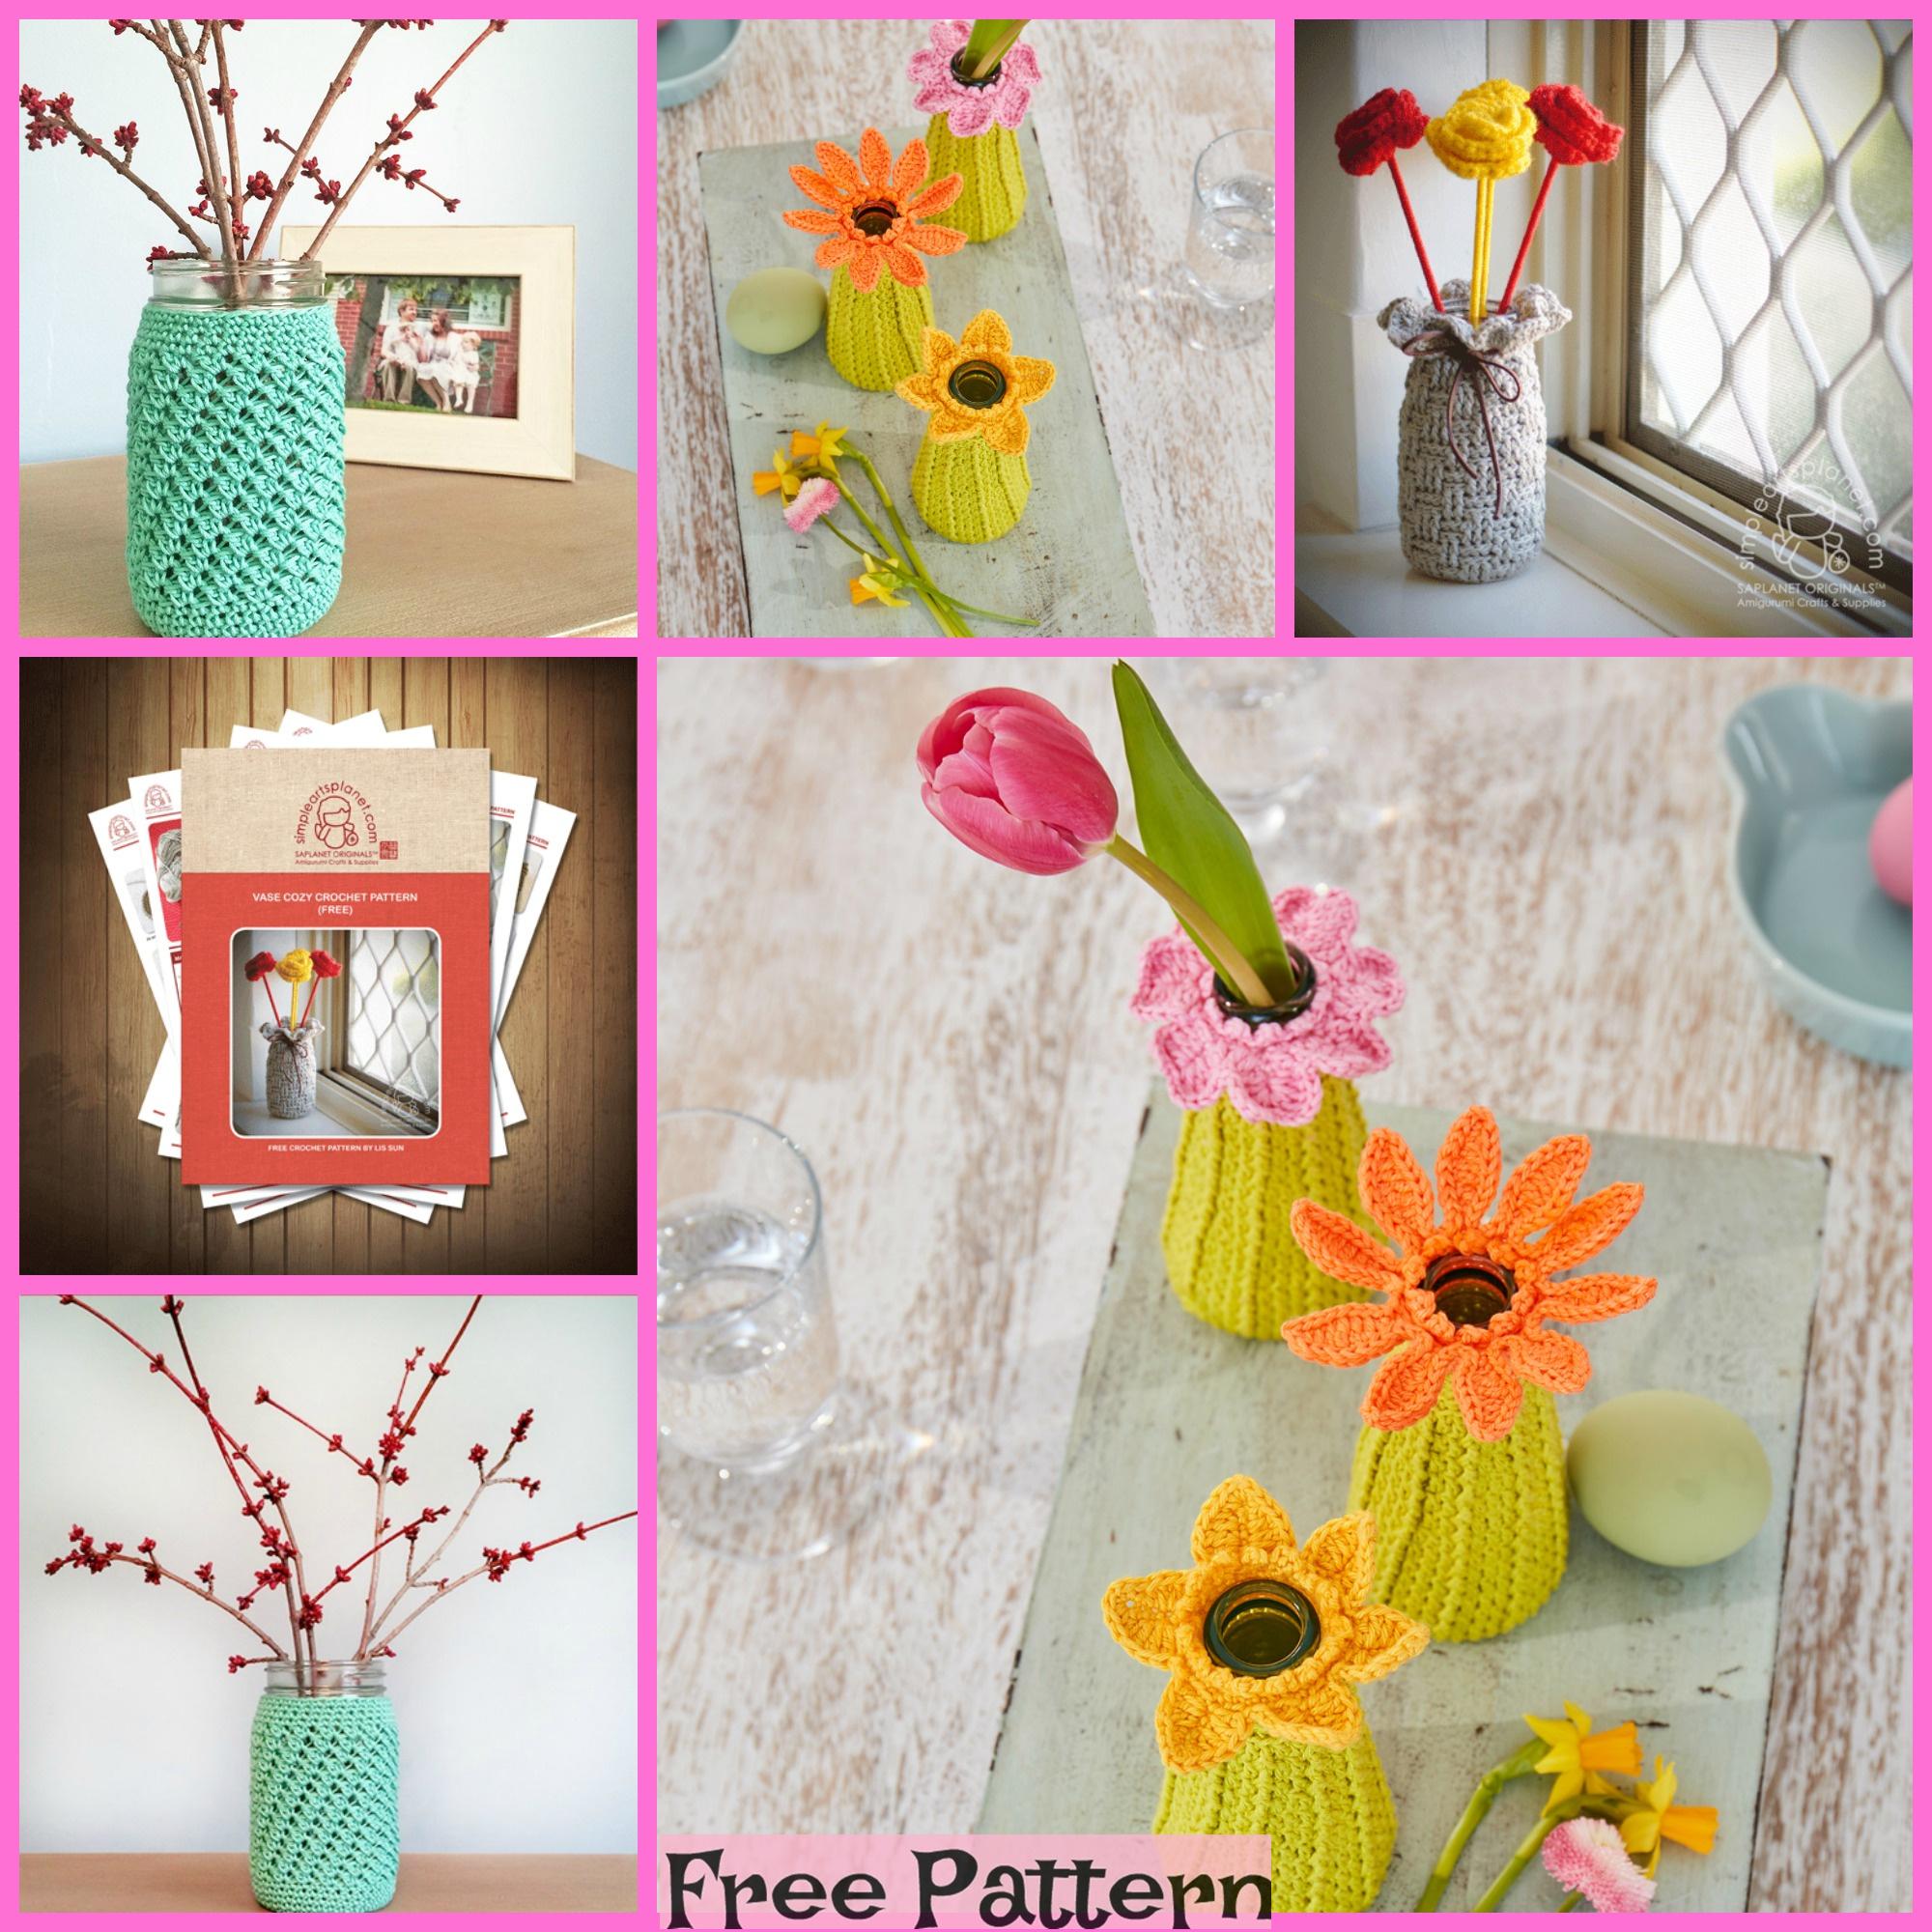 Meadow Flowers Bouquet Crochet In Vase Crochet Flowers Home Decor ... | 2000x2000